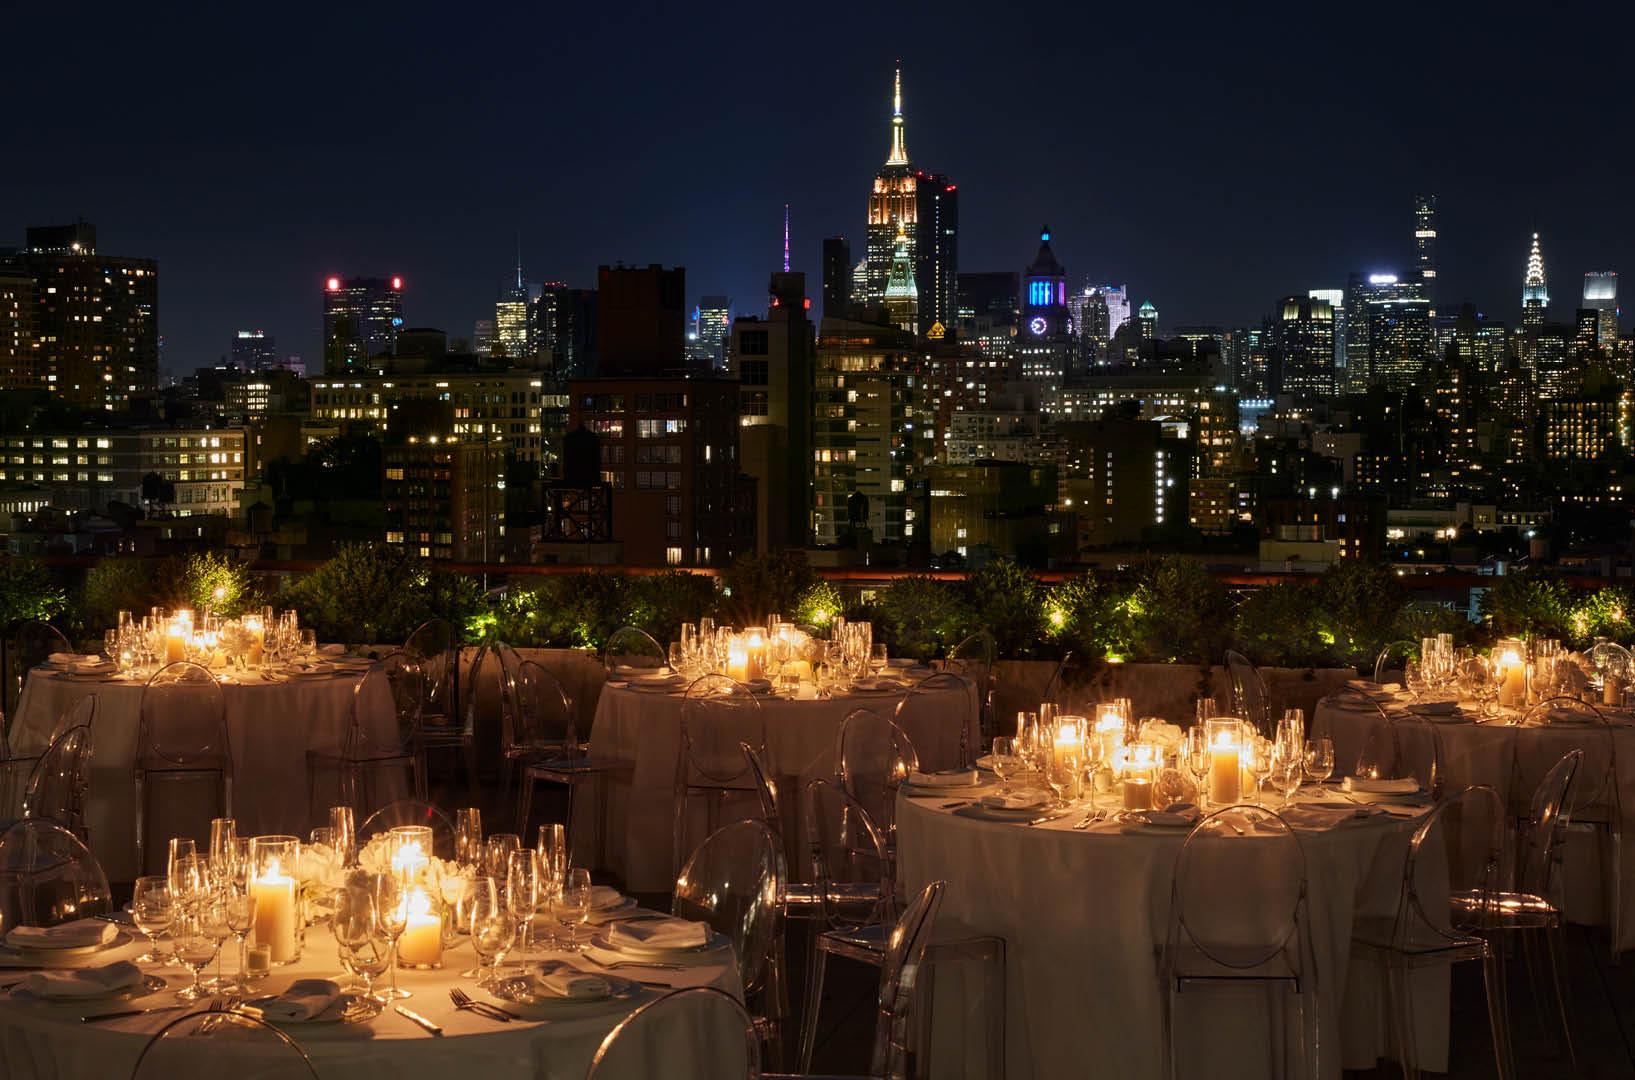 Das wohl angesagteste Hotel in SoHo, NYC: Das Public Hotel von Studio 54-Gründer Ian Schrager 16